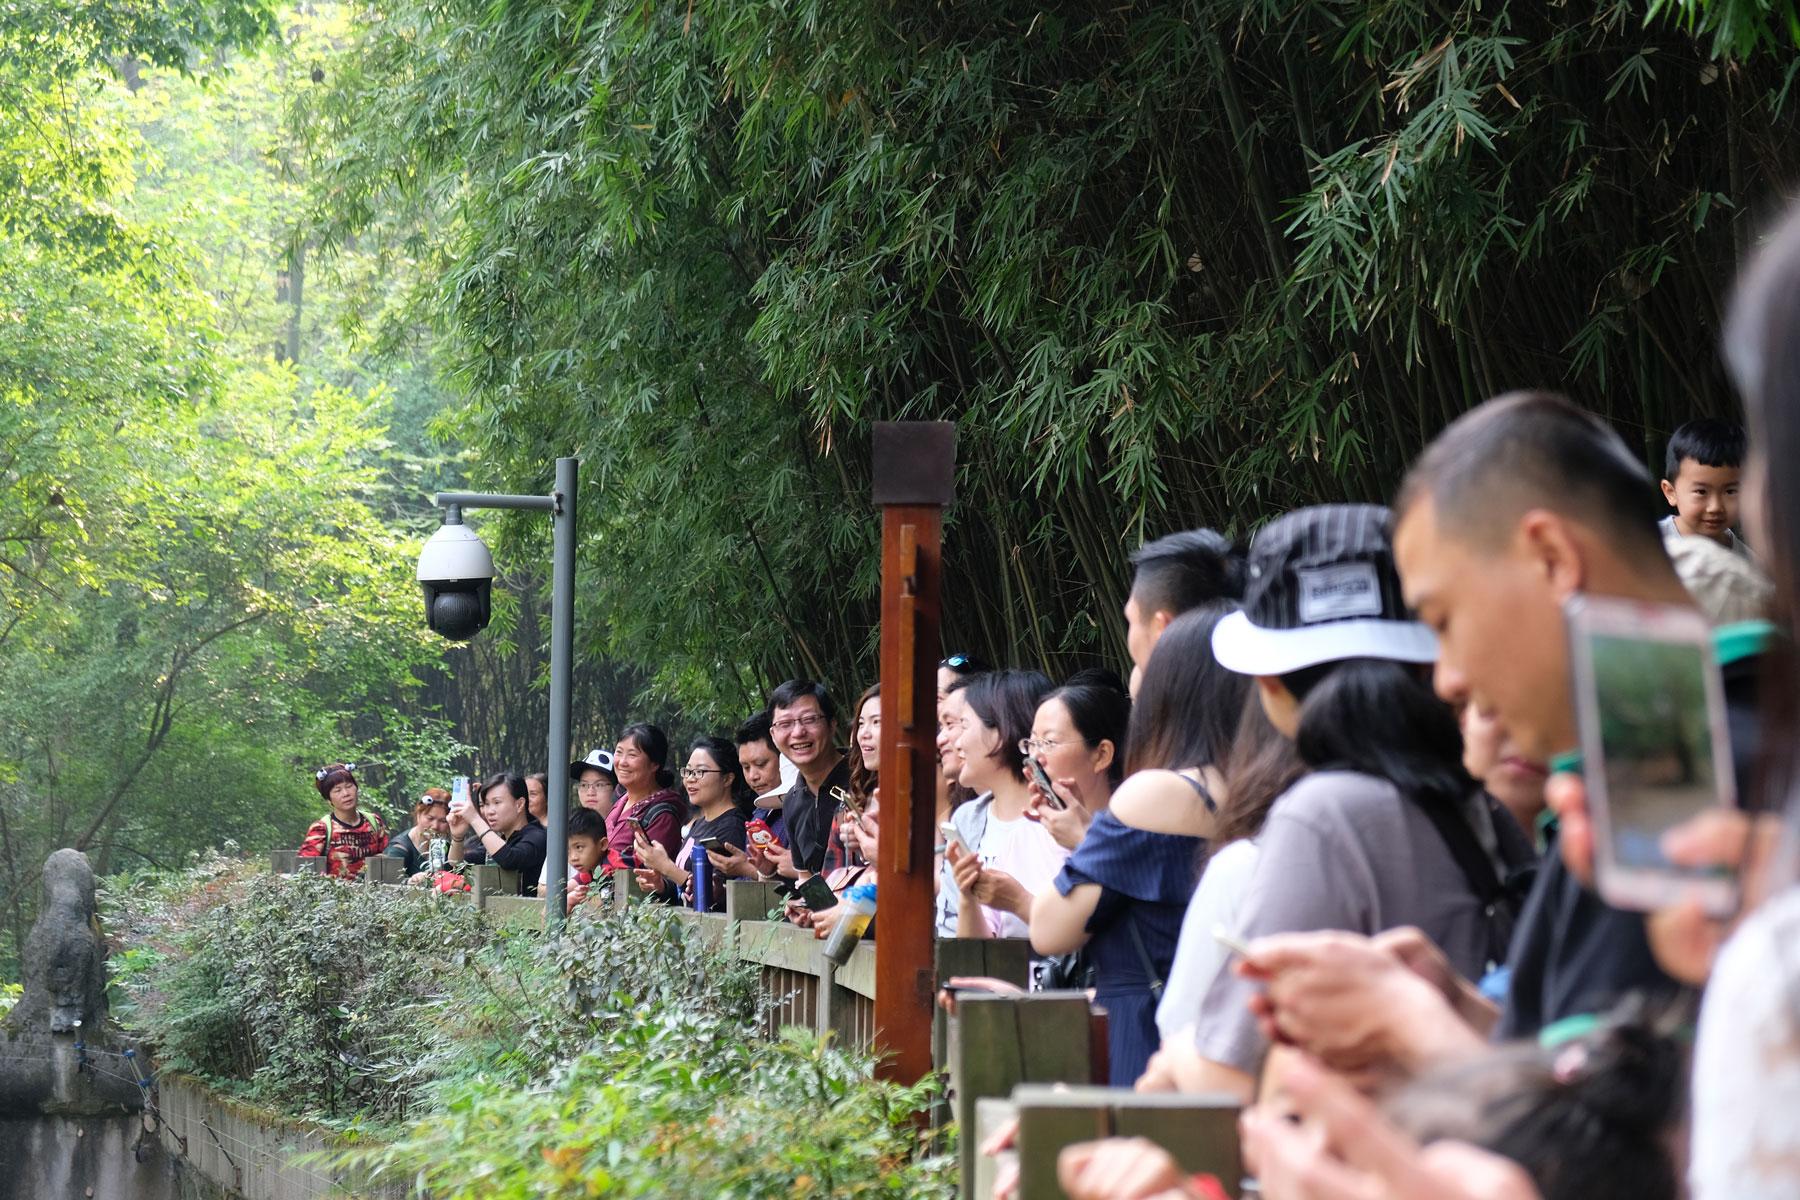 Chinesische Besucher der Aufzuchstation für Pandas in Chengdu.